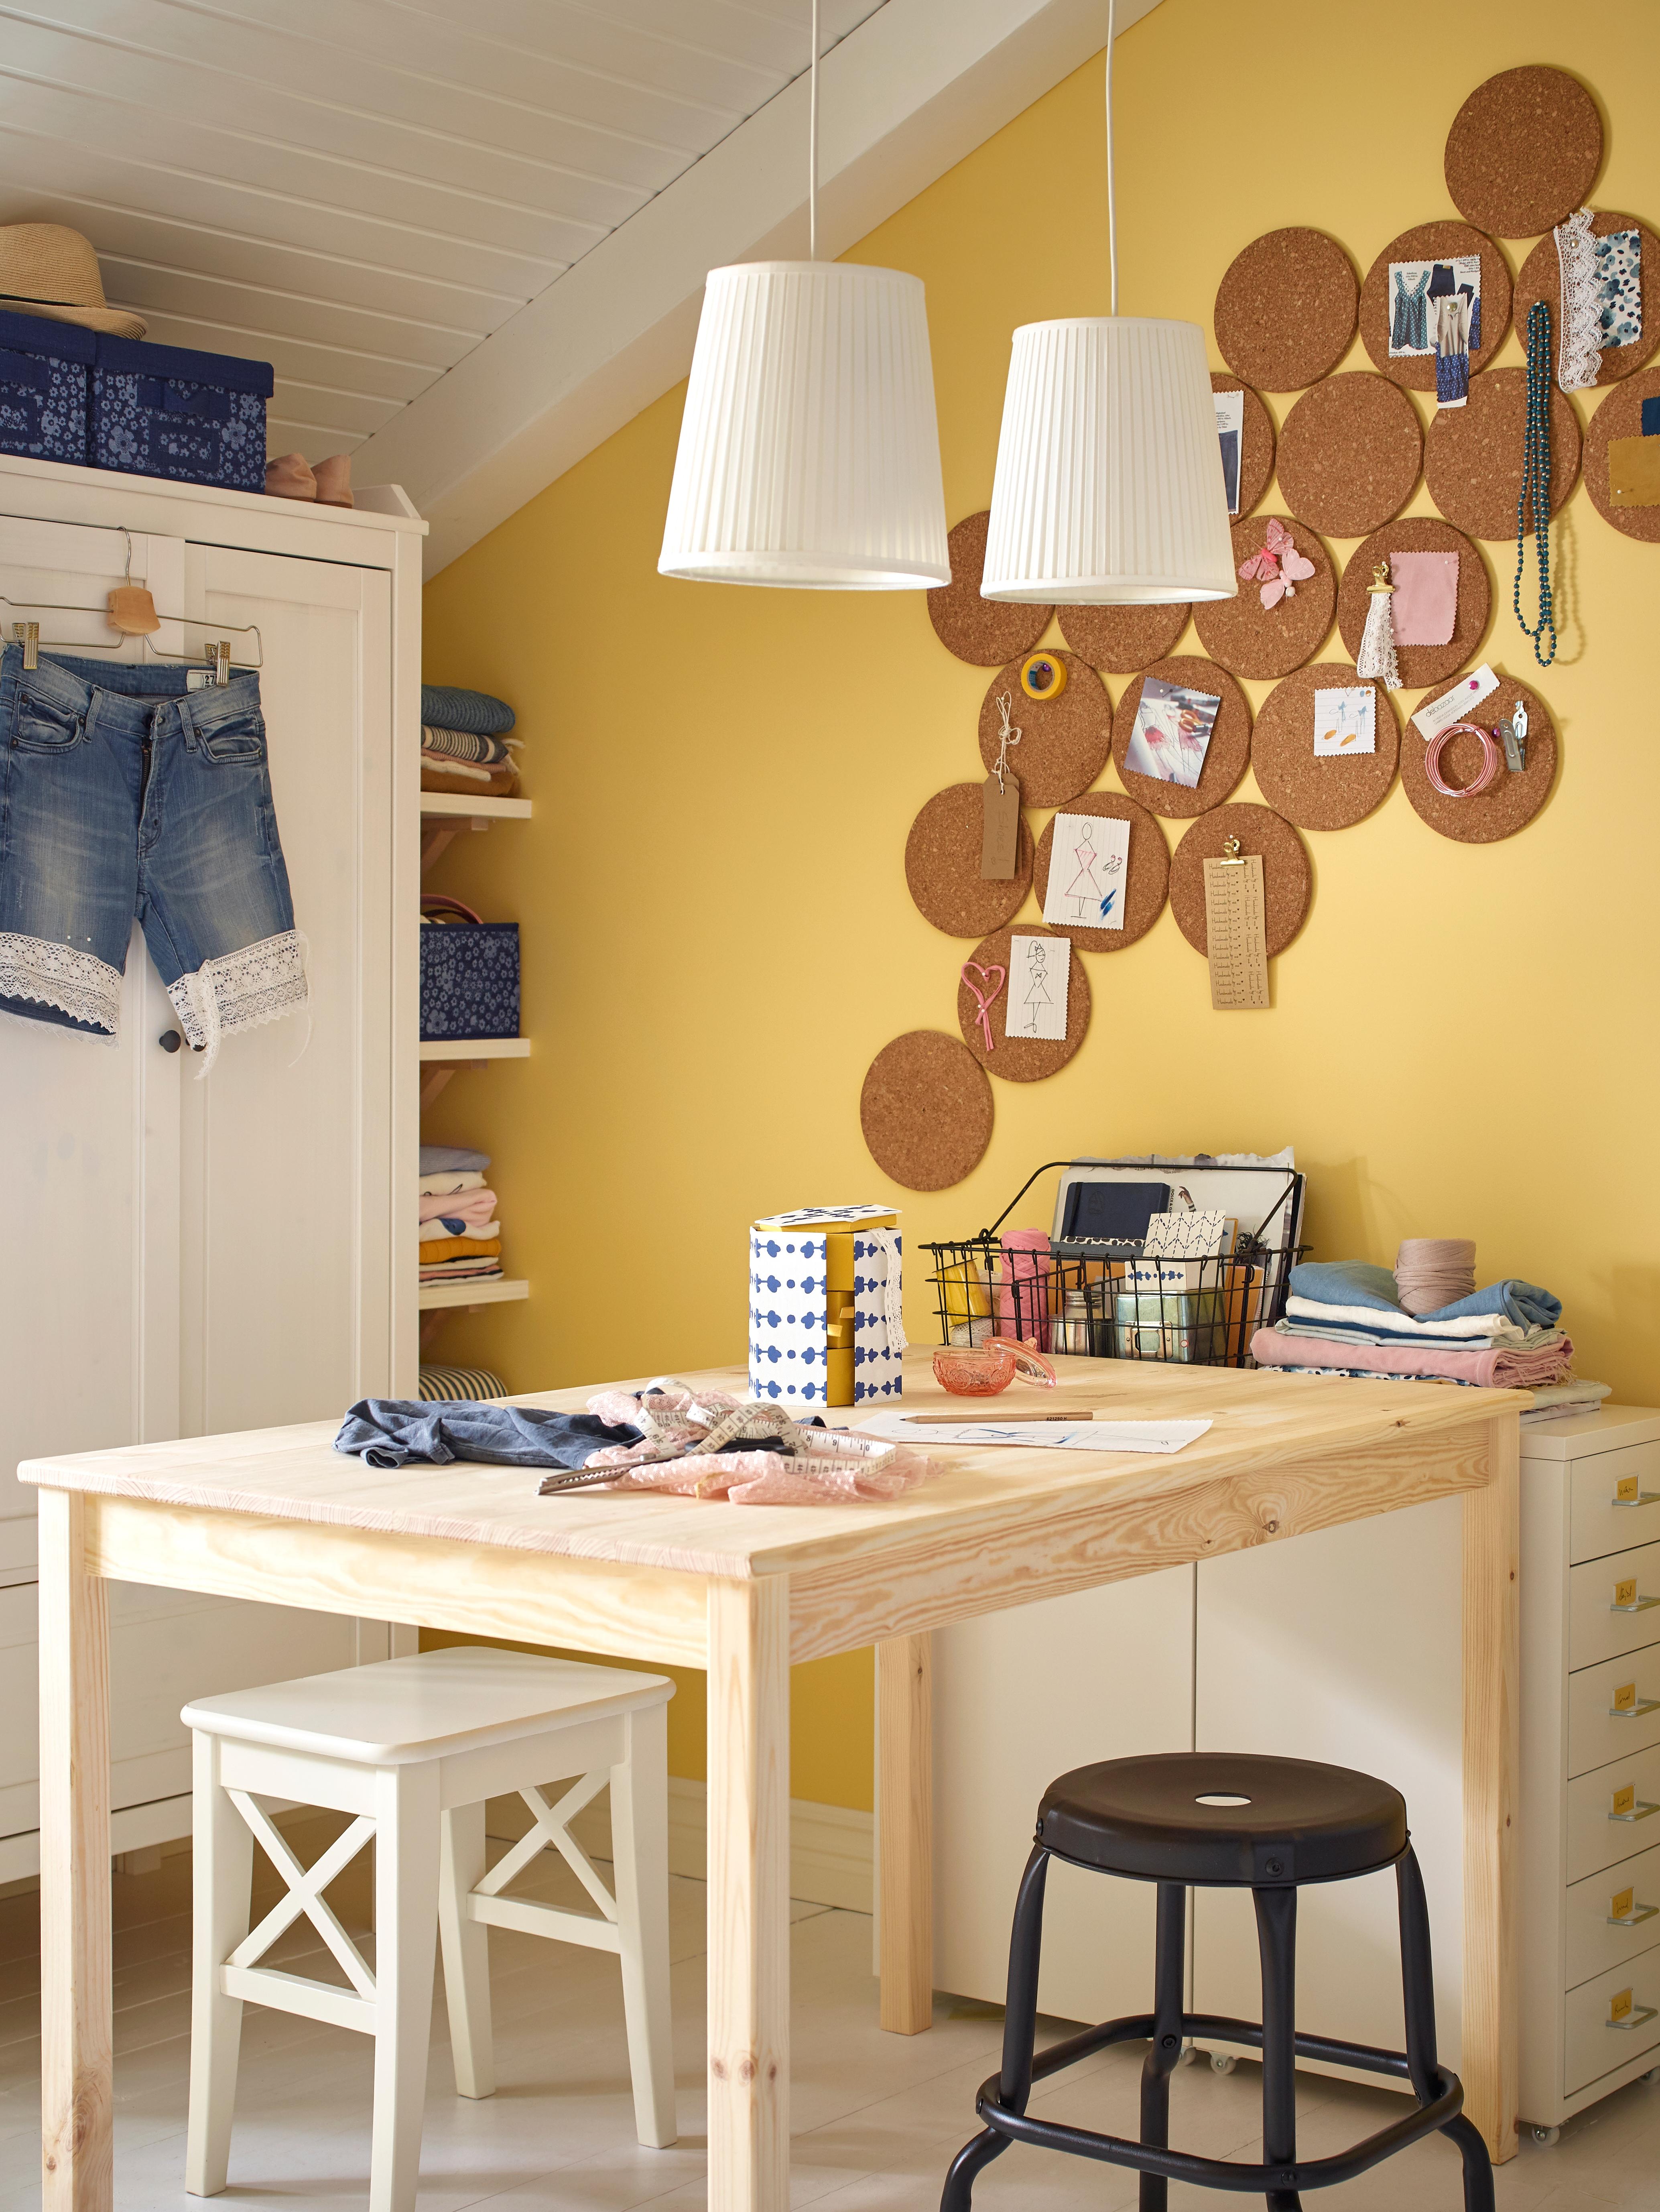 INGO stol od bora na kojem se odvija projekt šivanja uz dvije stolice, dvije visilice, bijeli ormar i metalne ladice.